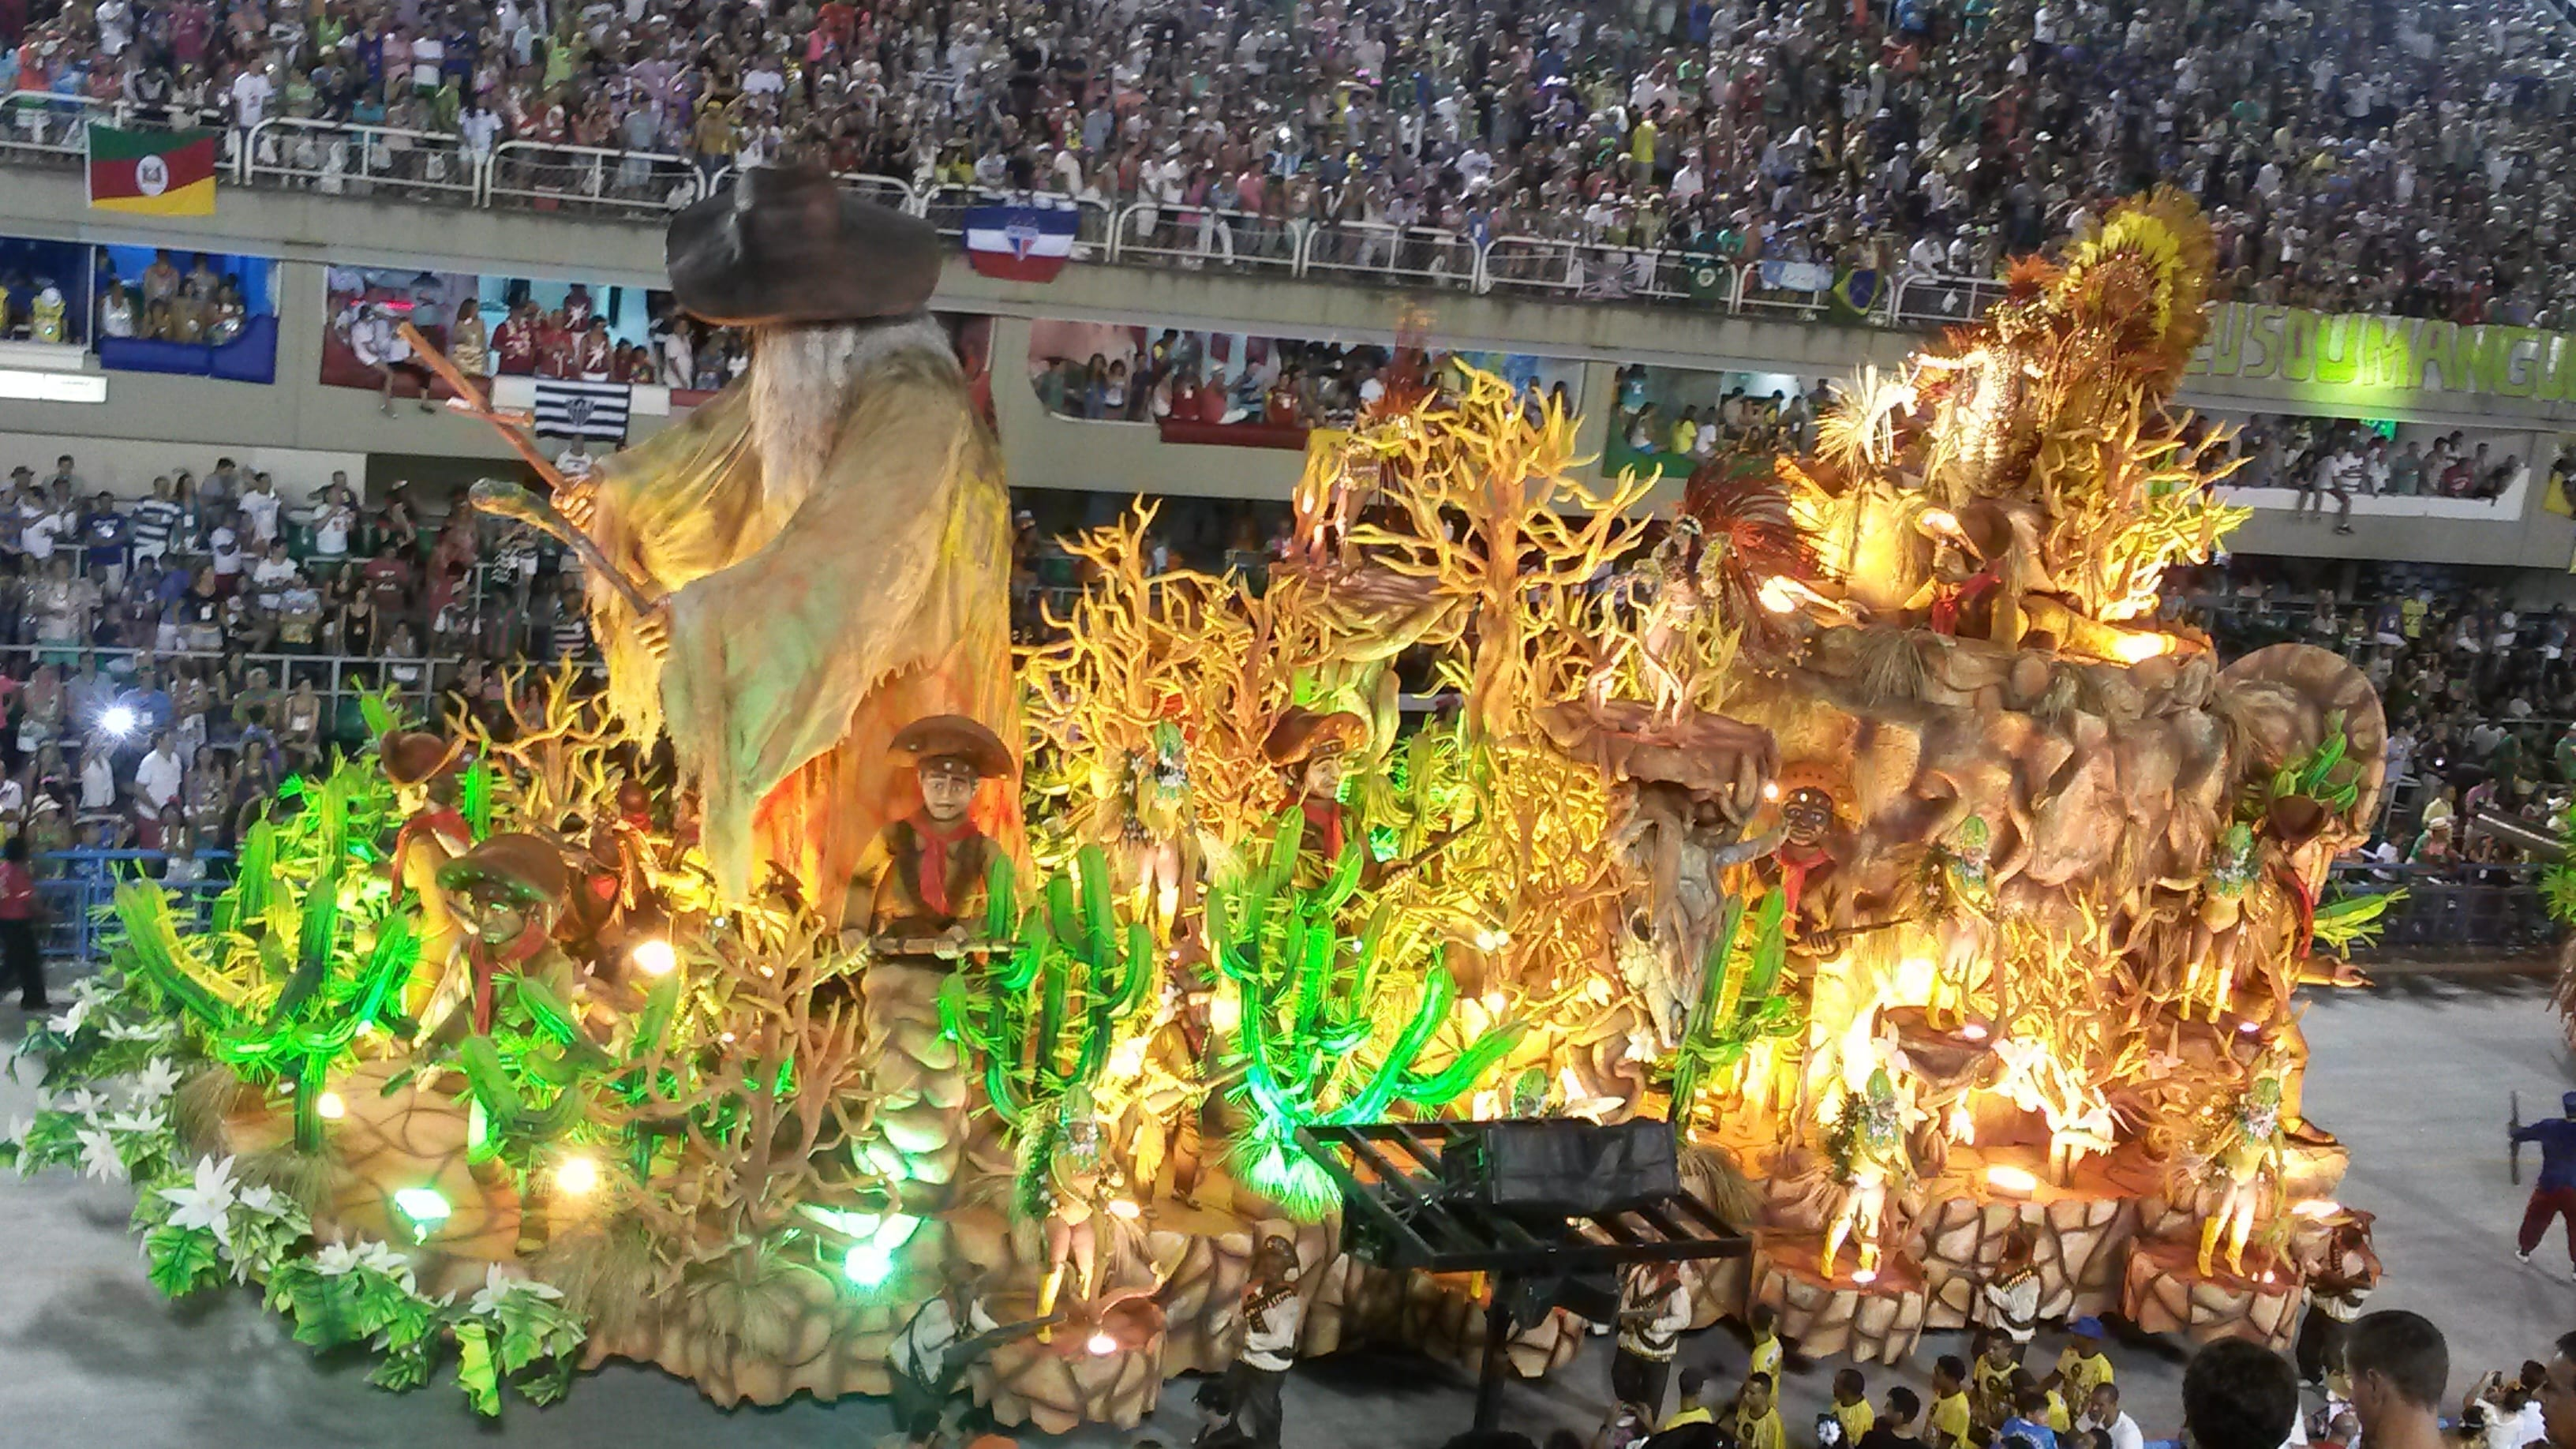 Ingressos para Carnaval no Rio de Janeiro. Carro alegórico passando pela avenida mostrando a beleza do Carnaval.